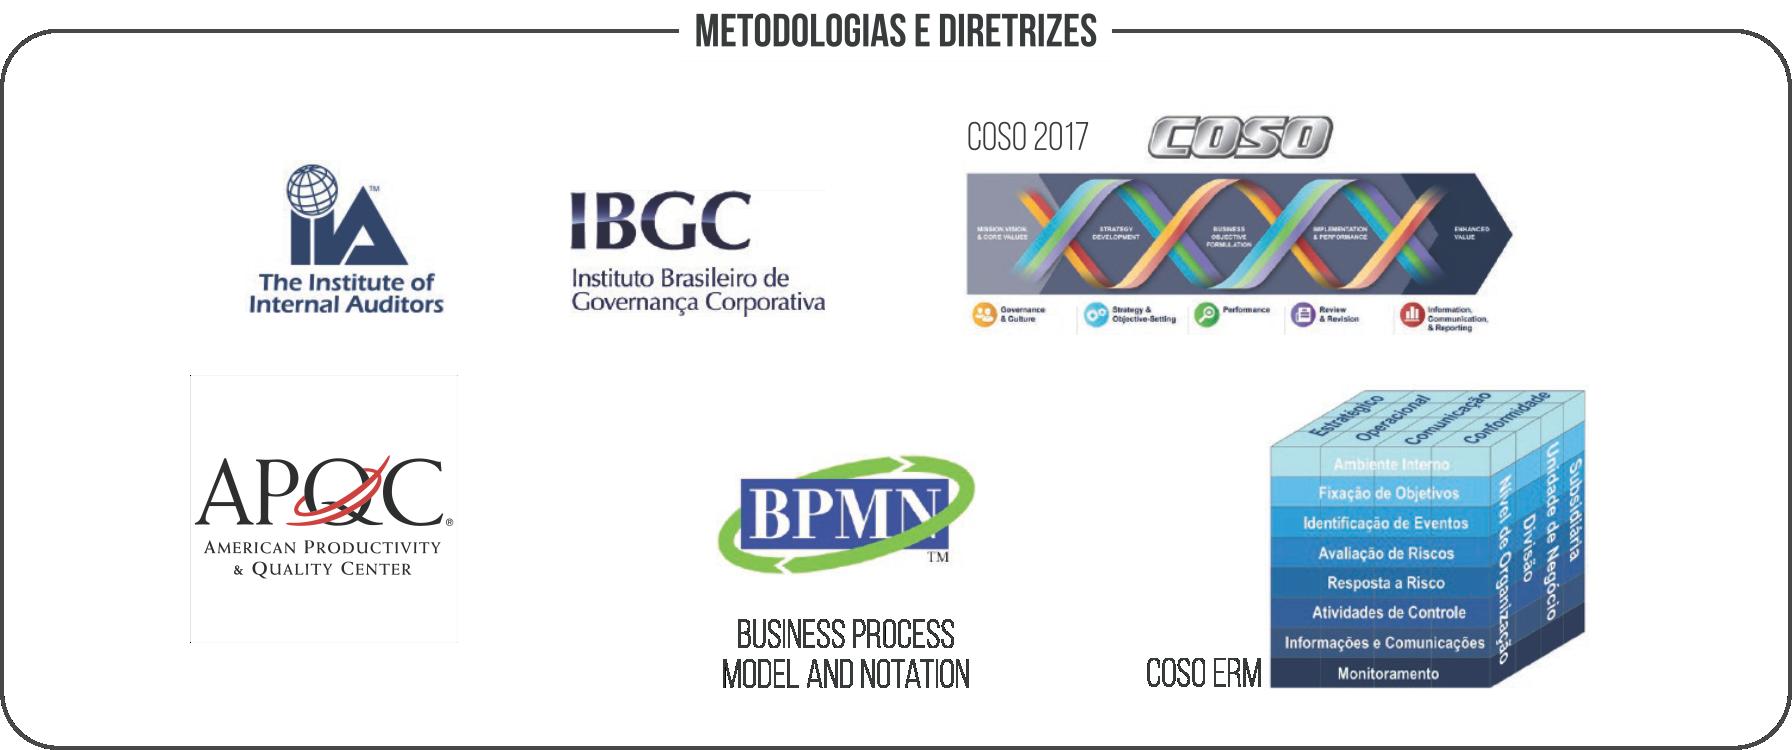 Metodologias e diretrizes em Governança Corporativa